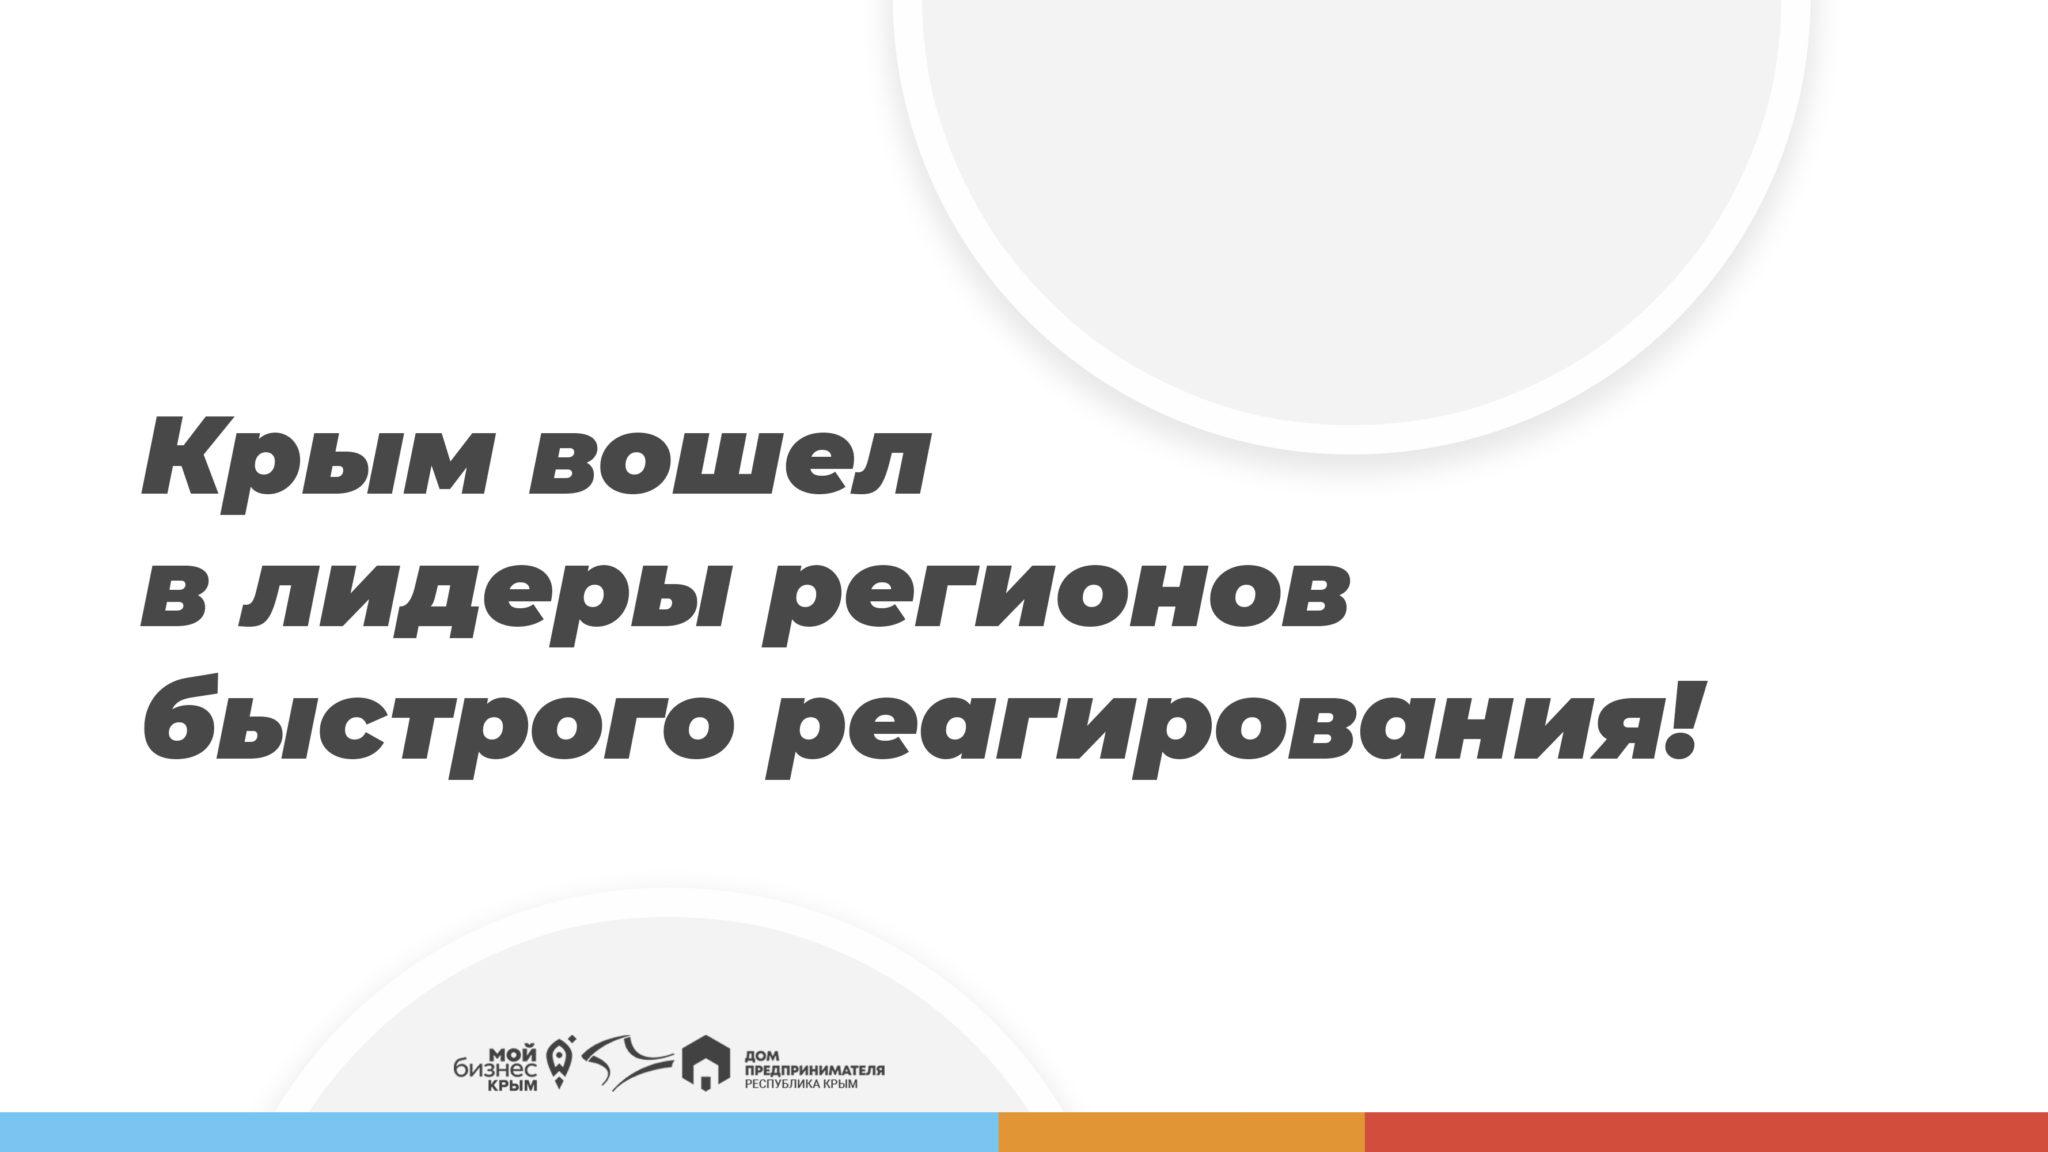 Крым вошел в лидеры регионов быстрого реагирования!